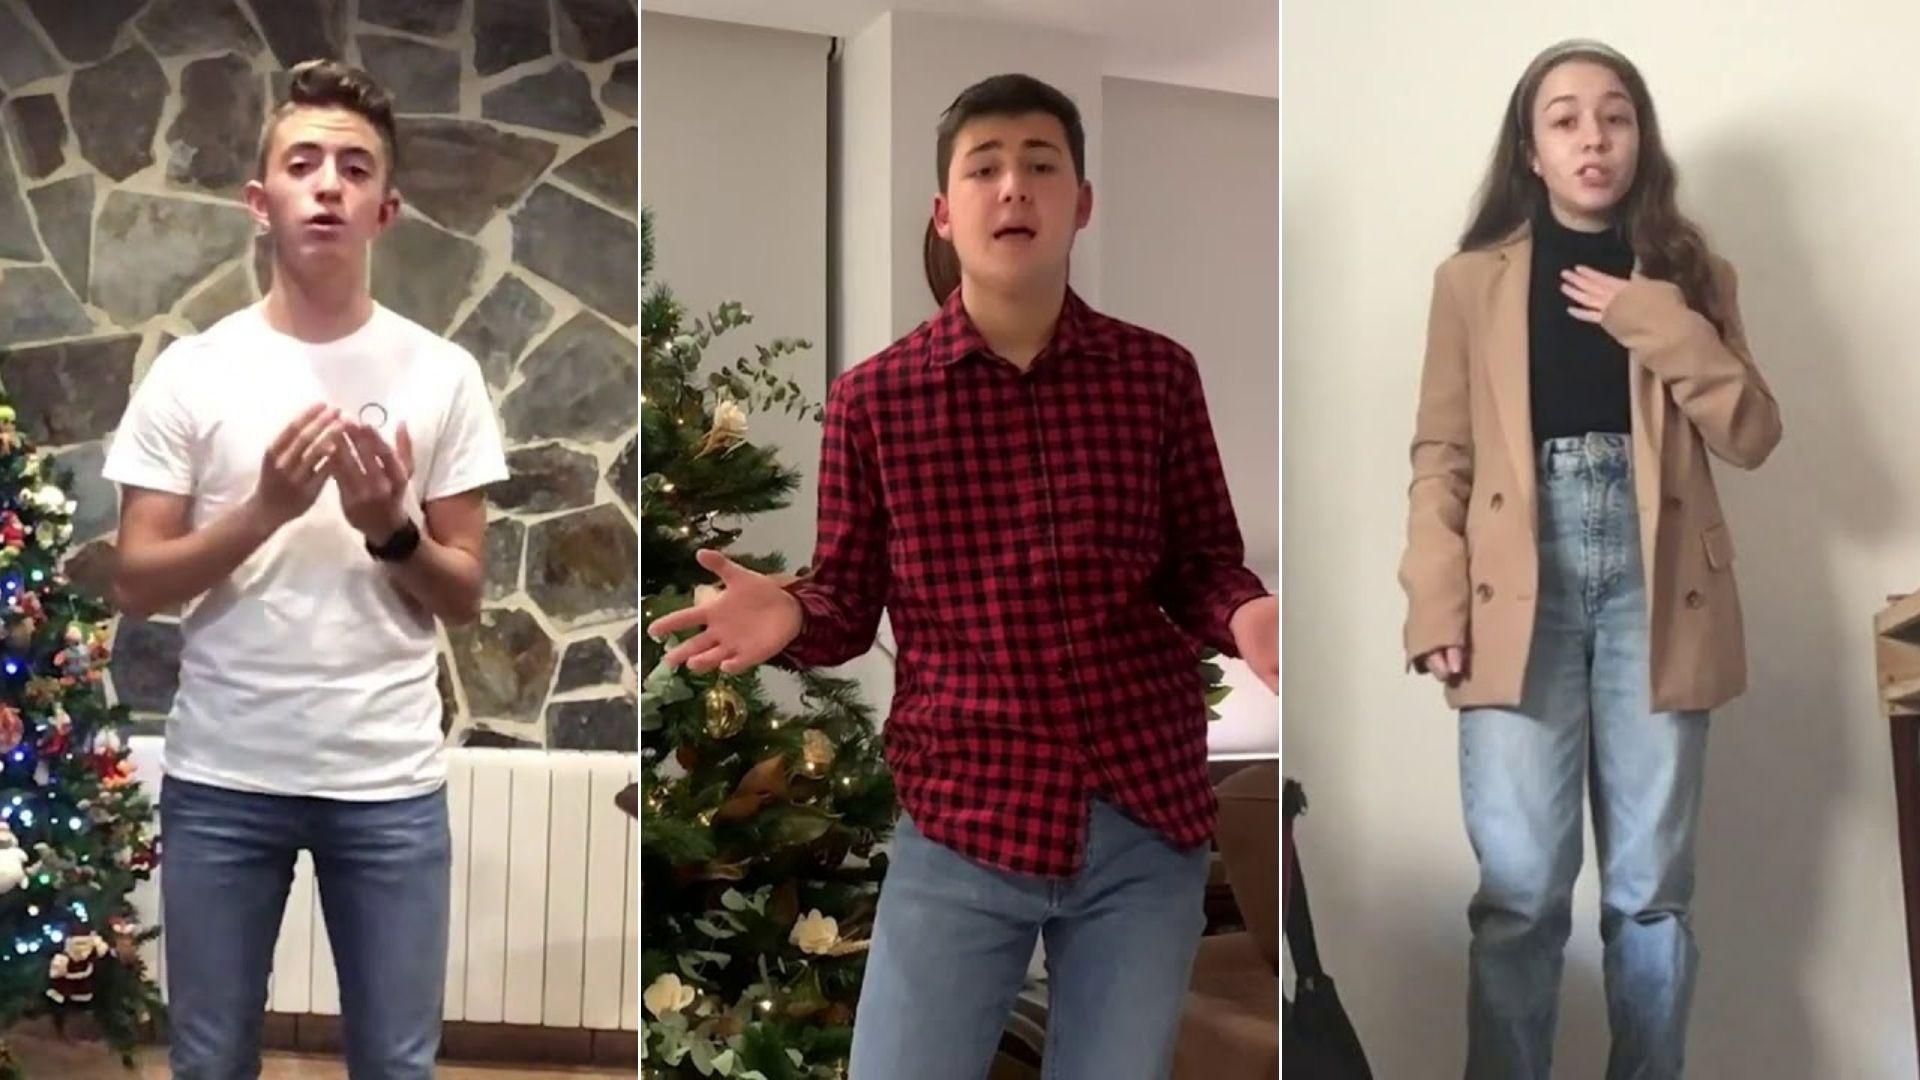 Felicitamos a los tres alumnos del Colegio San Agustín de Alicante, ganadores, en el Concurso de Speech Navideños, de las IV Jornadas de Oratoria y Debate.